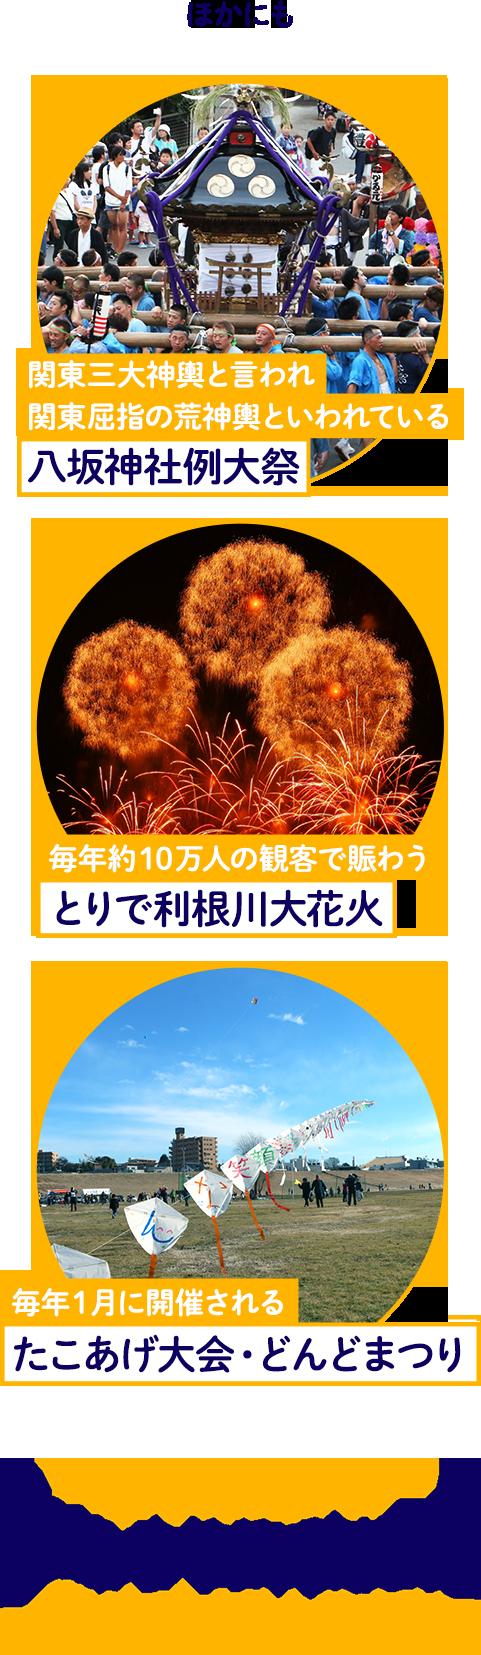 ほかにも、関東三大神輿と言われ関東屈指の荒神輿といわれている「八坂神社例大祭」、毎年約10万人の観客で賑わう「とりで利根川大花火」、毎年1月に開催される「たこあげ大会・どんどまつり」取手は楽しいイベントやスポットが盛りだくさんです!